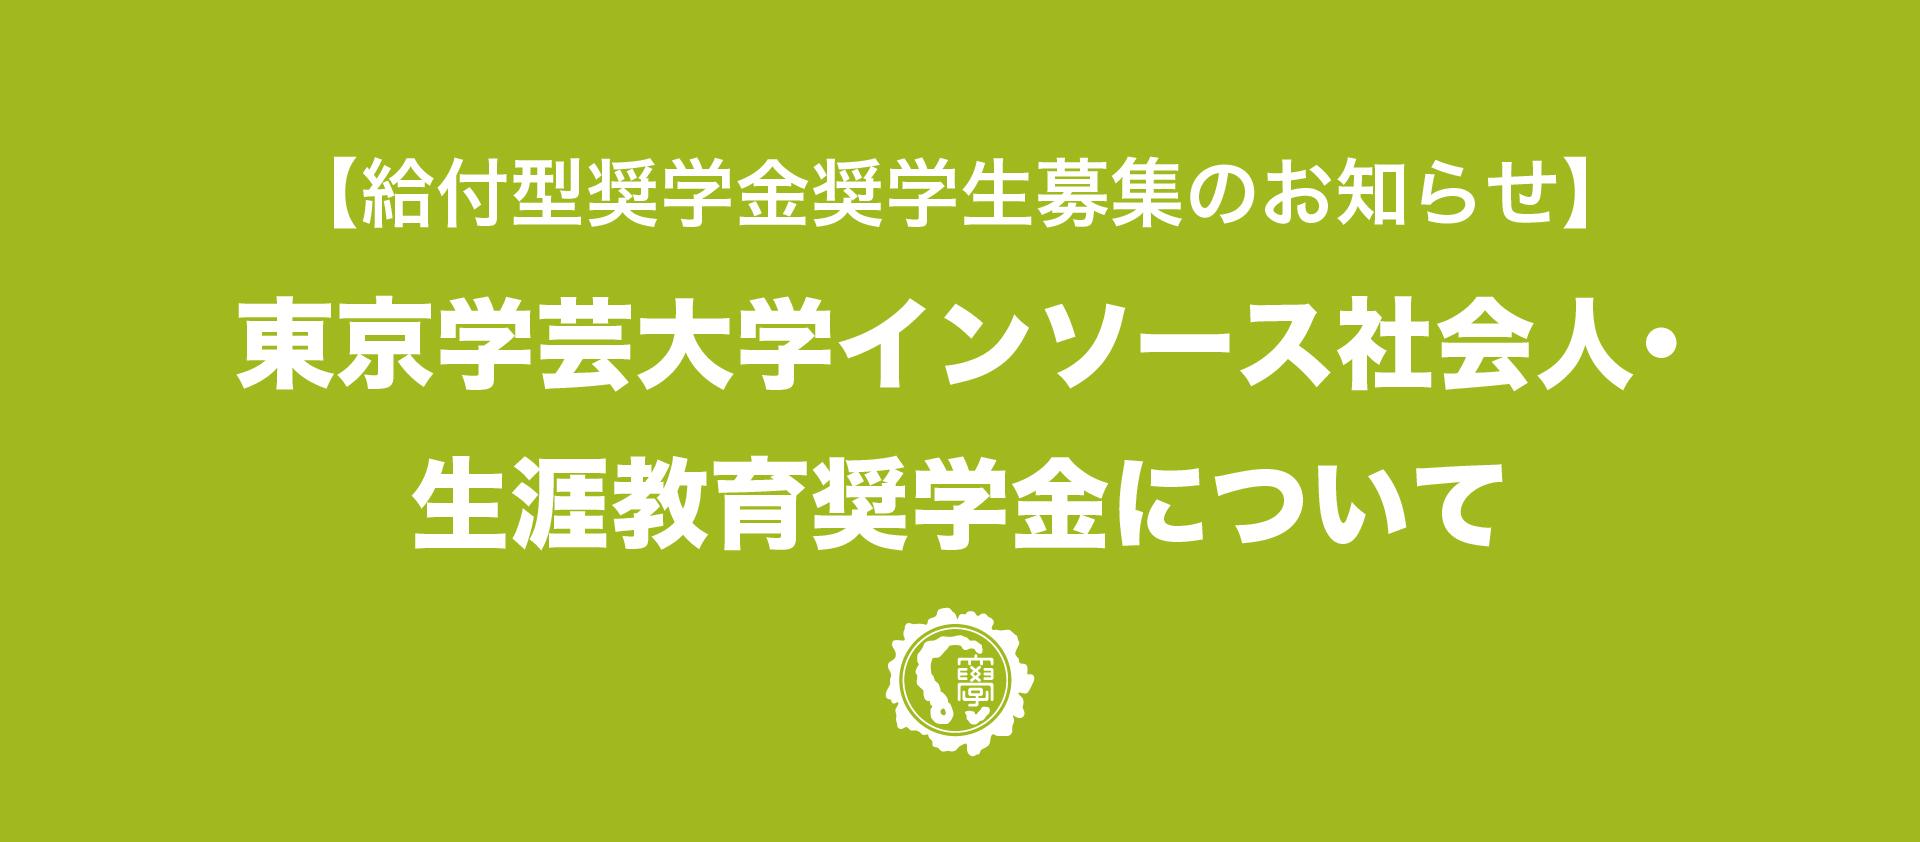 【給付型奨学金奨学生募集のお知らせ】東京学芸大学インソース社会人・生涯教育奨学金について